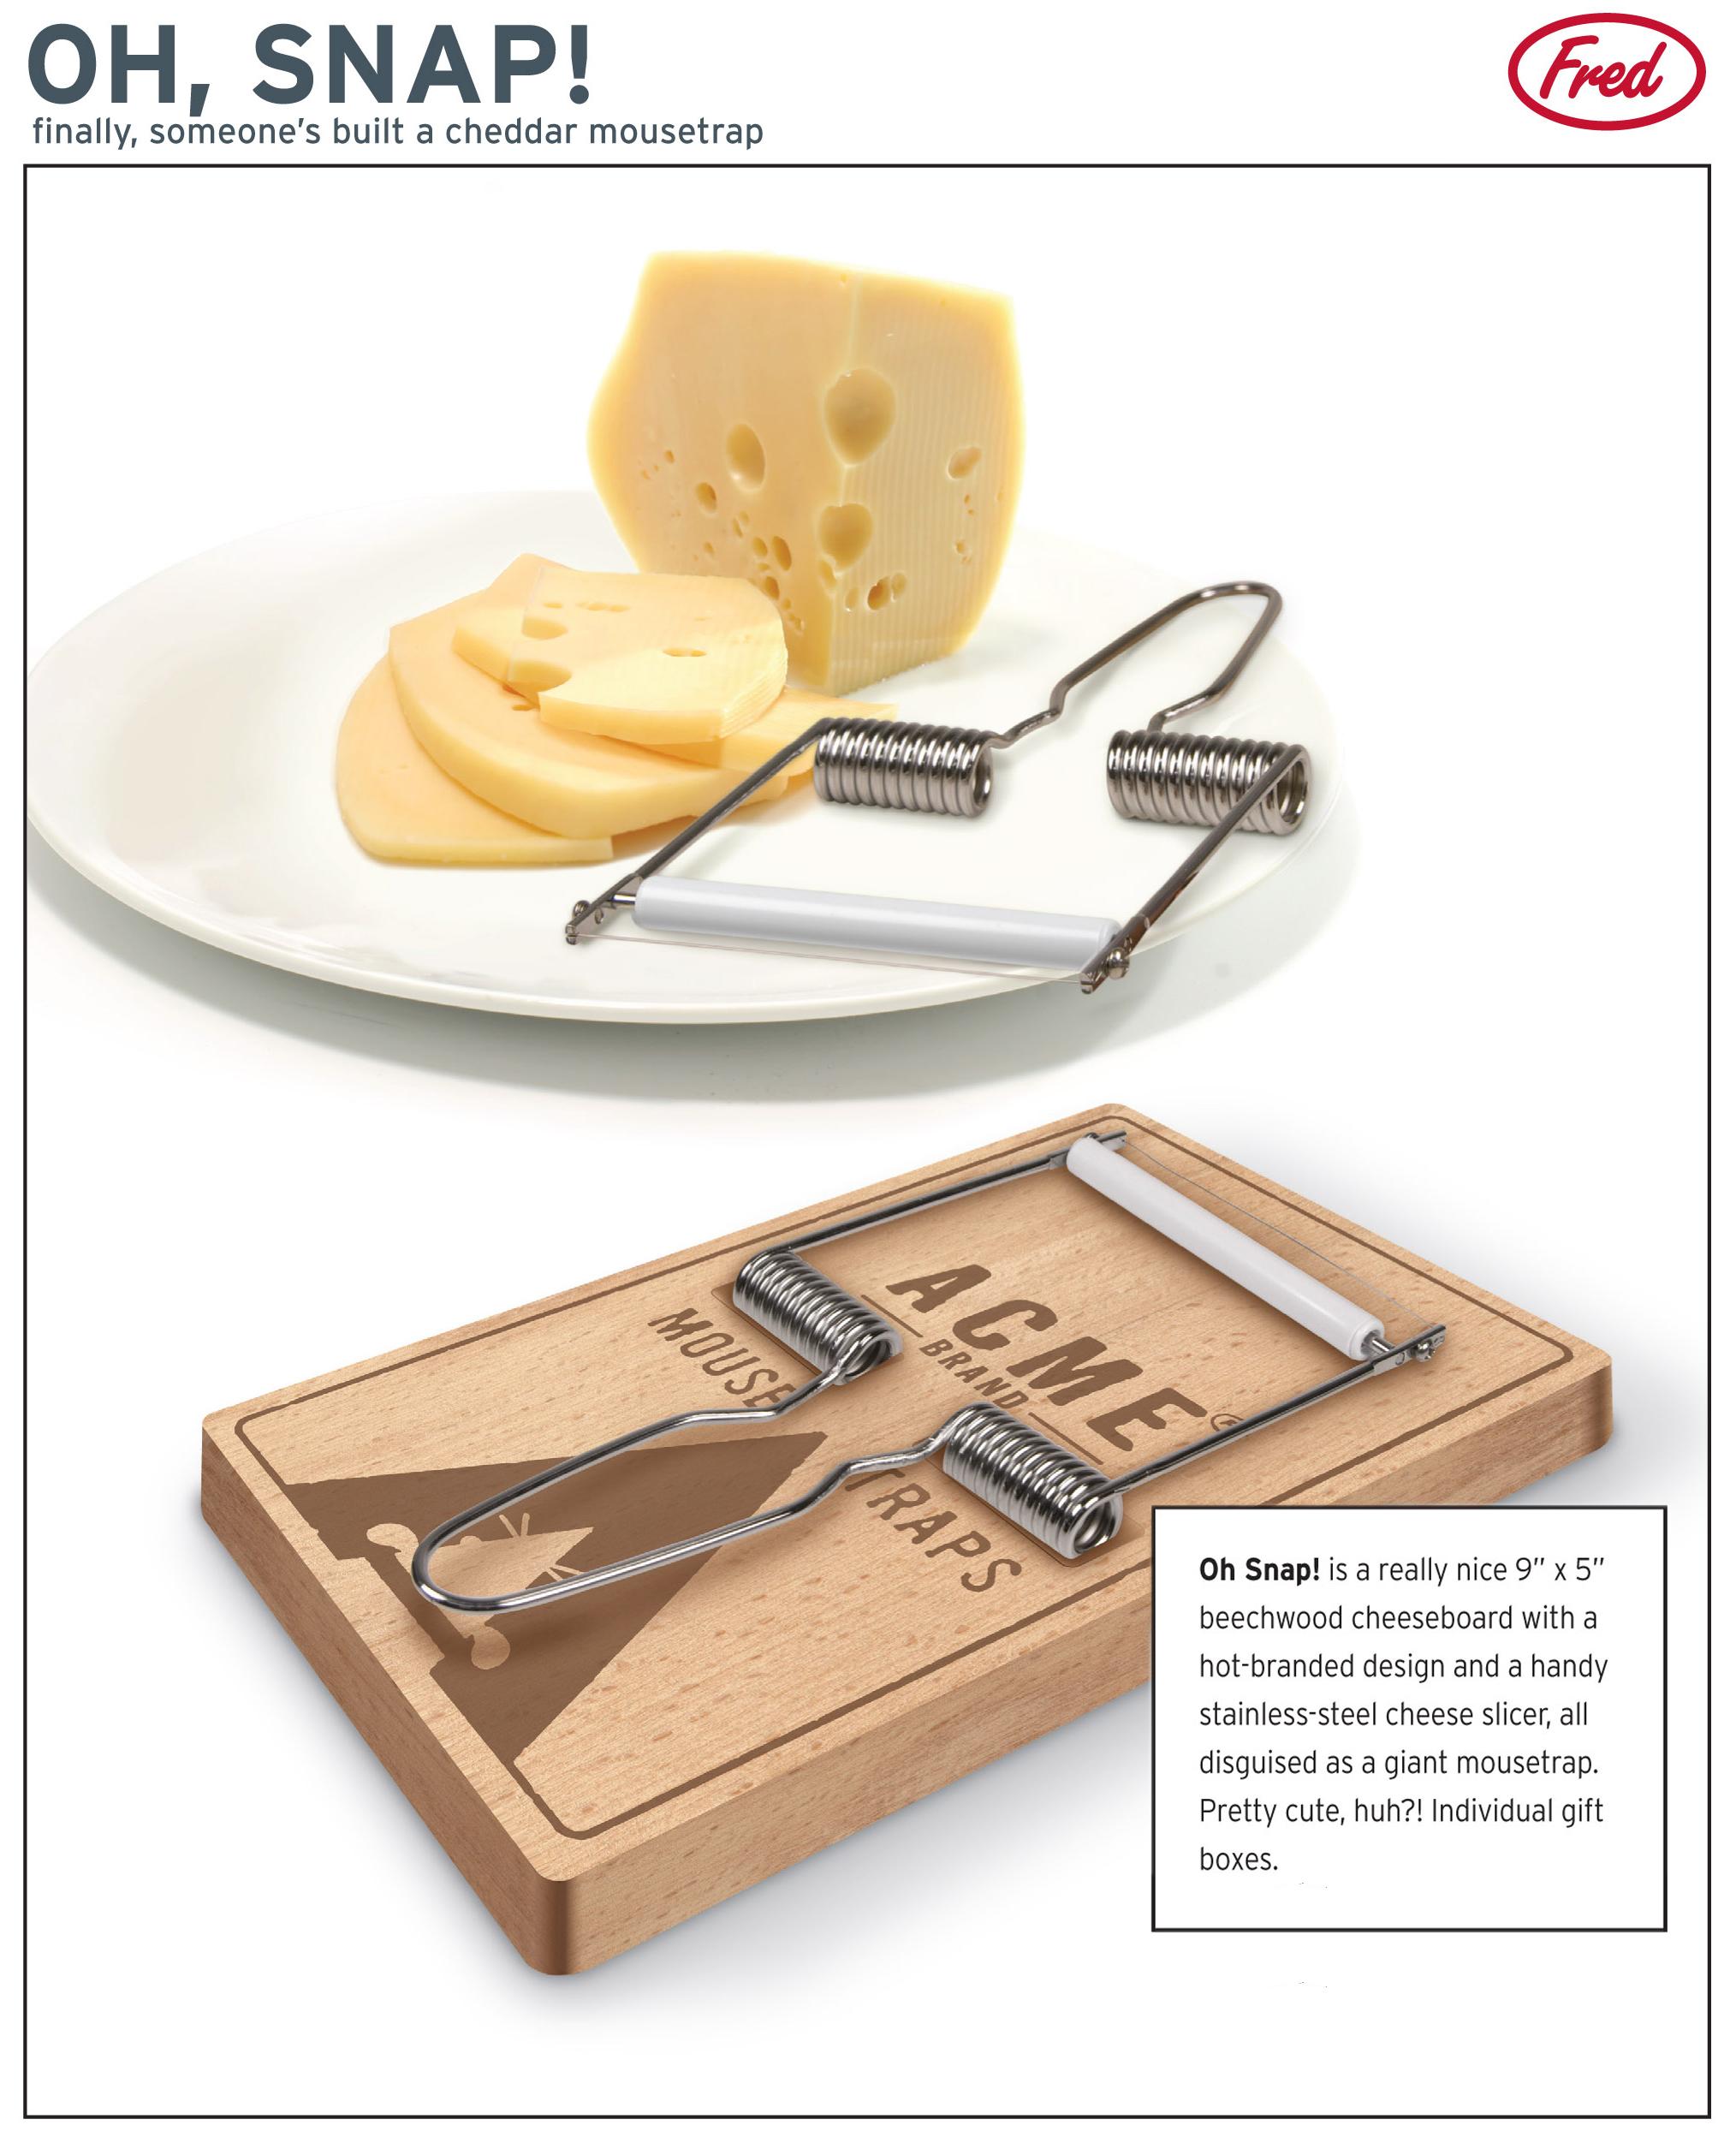 cheese website 2019.jpg